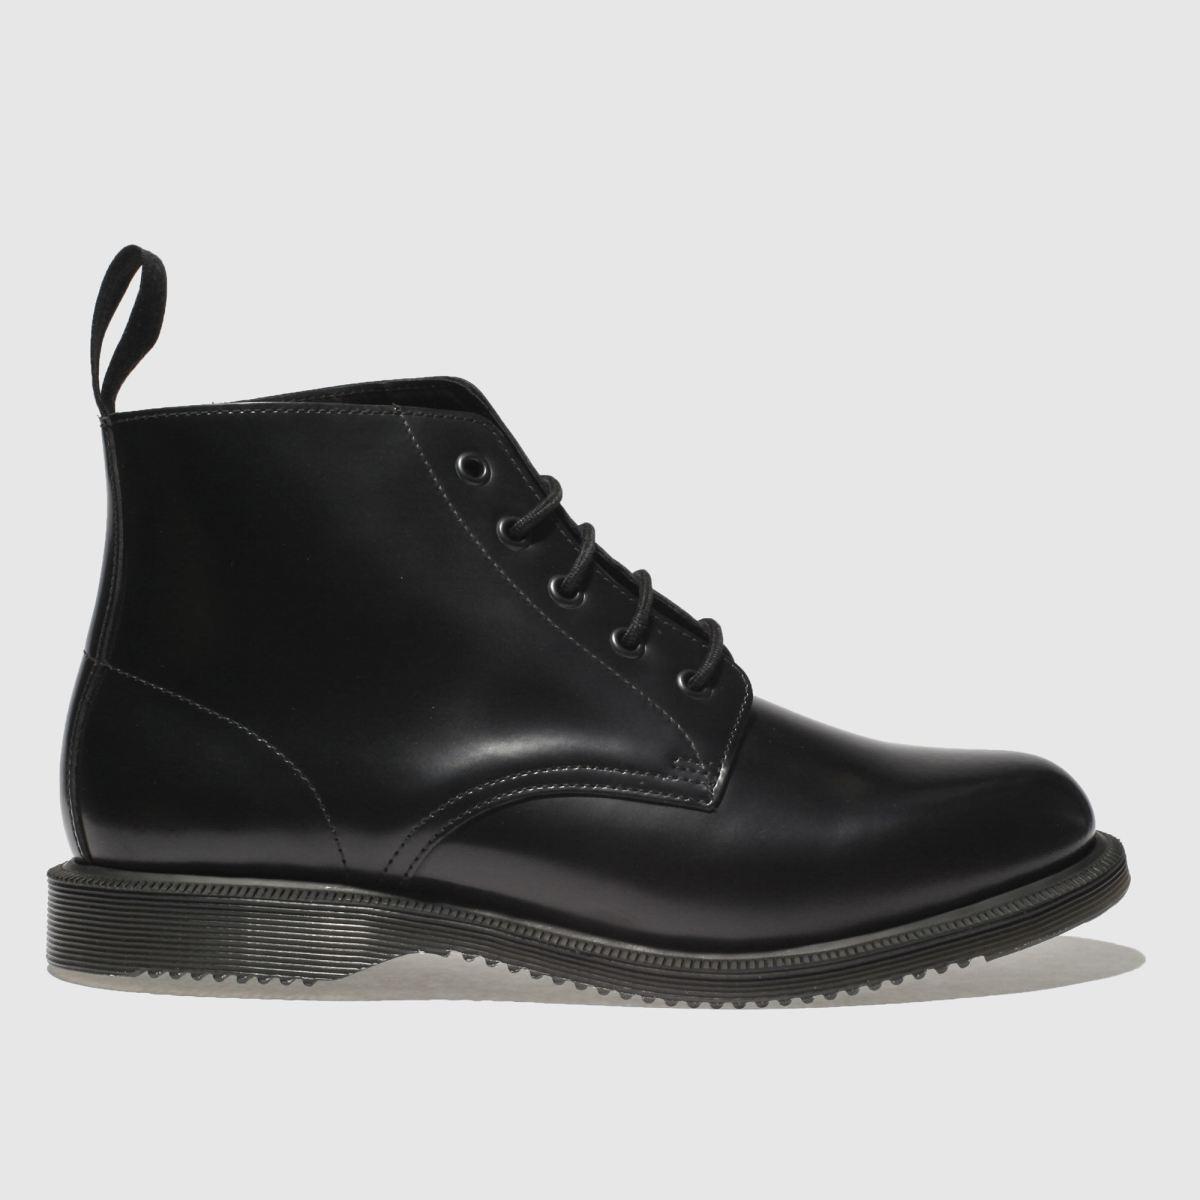 Dr Martens Black Emmeline 5 Eye Boot Boots